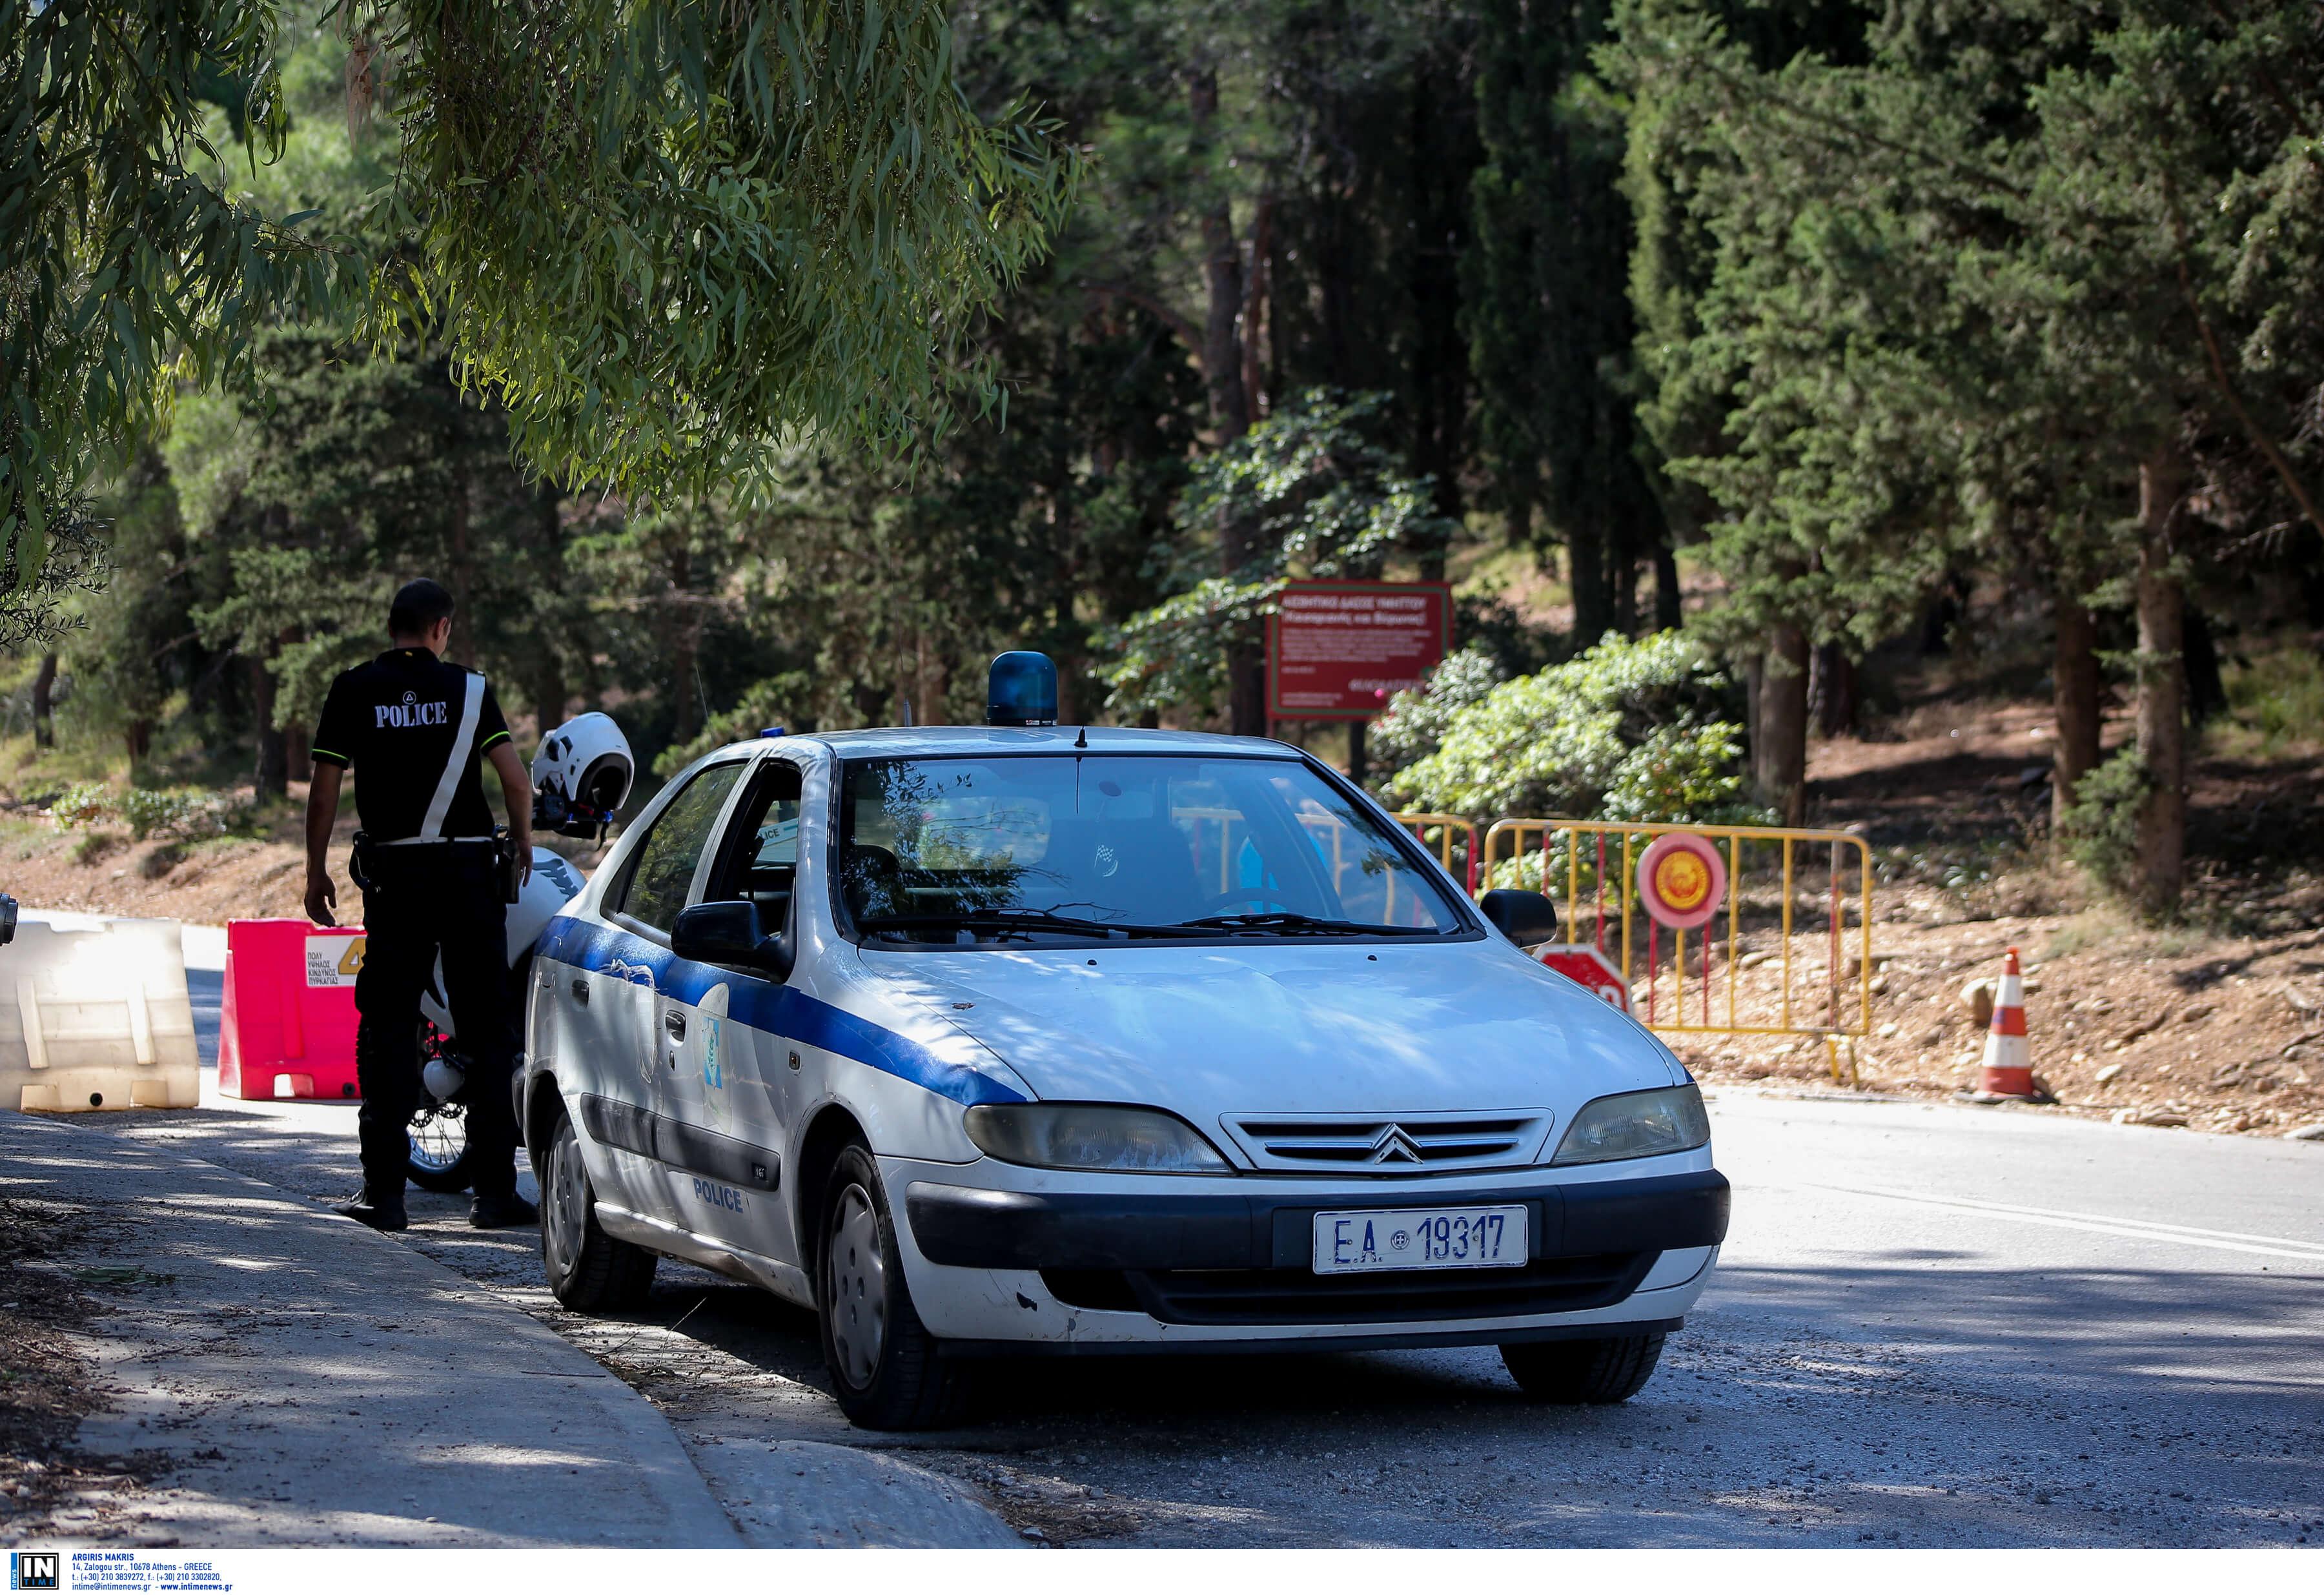 Θεσσαλονίκη: Ο επίδοξος βιαστής ξέχασε το κινητό του – Σοκ για γυναίκα που έβλεπε τηλεόραση – video